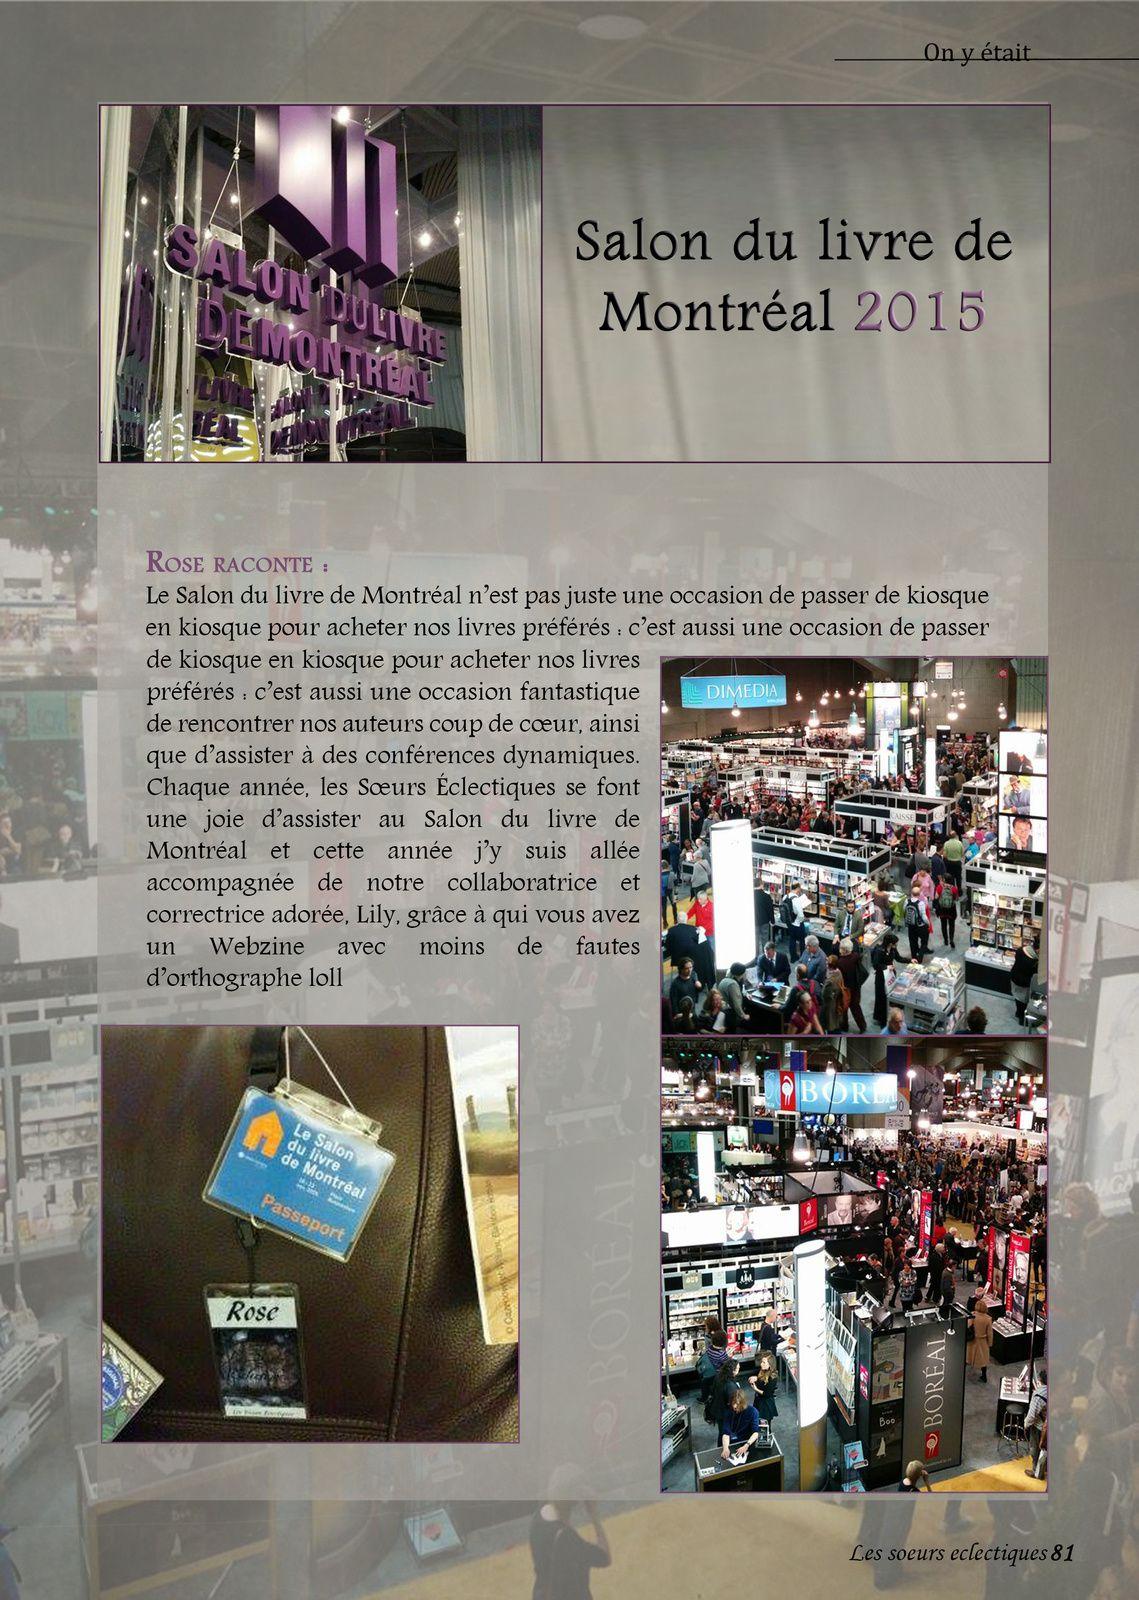 Salon du livre de Montreal 2015